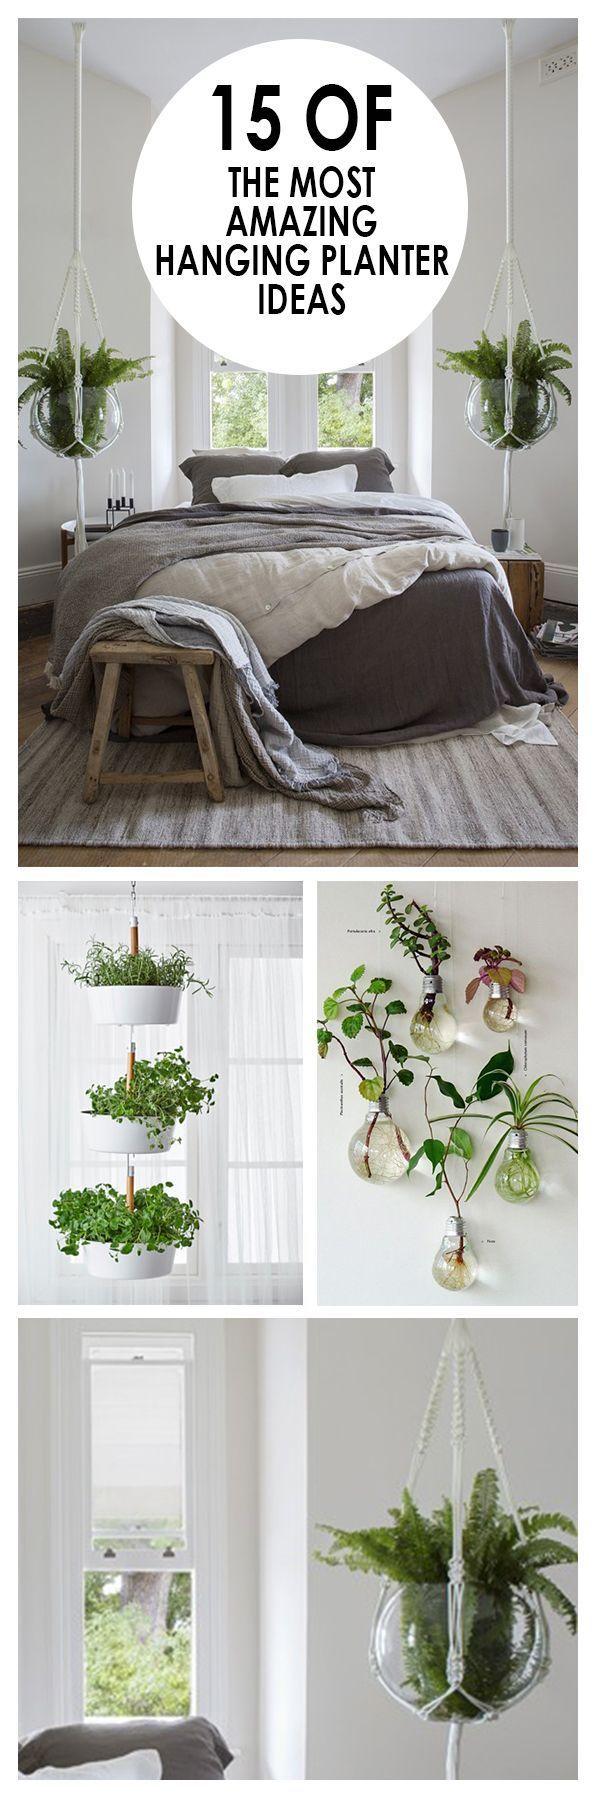 ehrfurchtiges begonie die blume fur drinnen und drausen spektakuläre abbild und dcafaabbaceded hanging planters garden planters